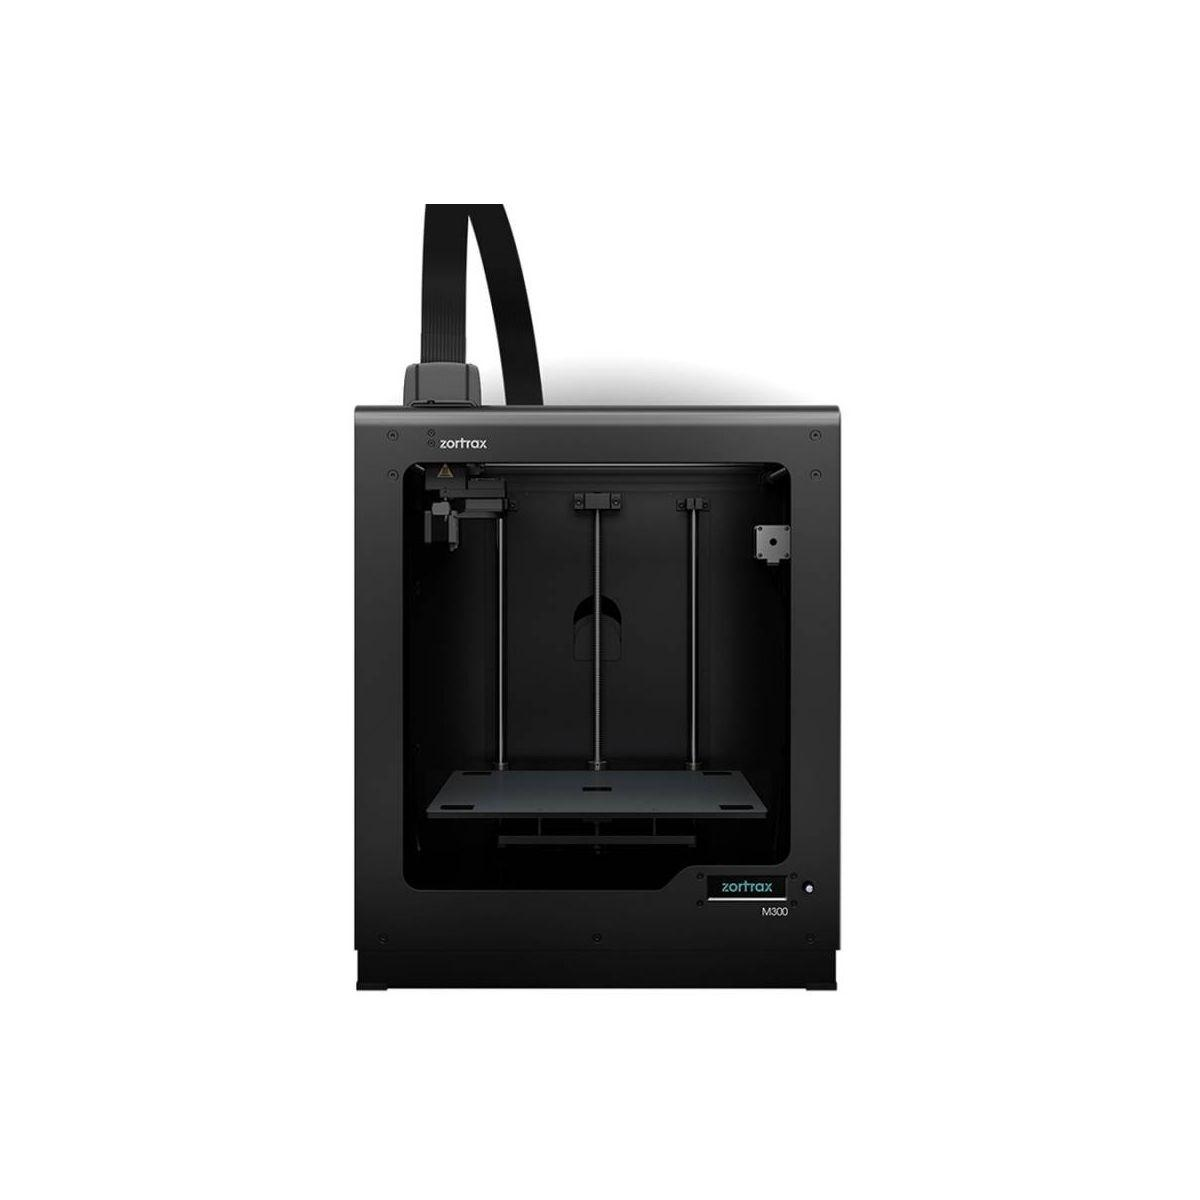 Imprimante 3d zortrax m300 - 20% de remise imm�diate avec le code : green20